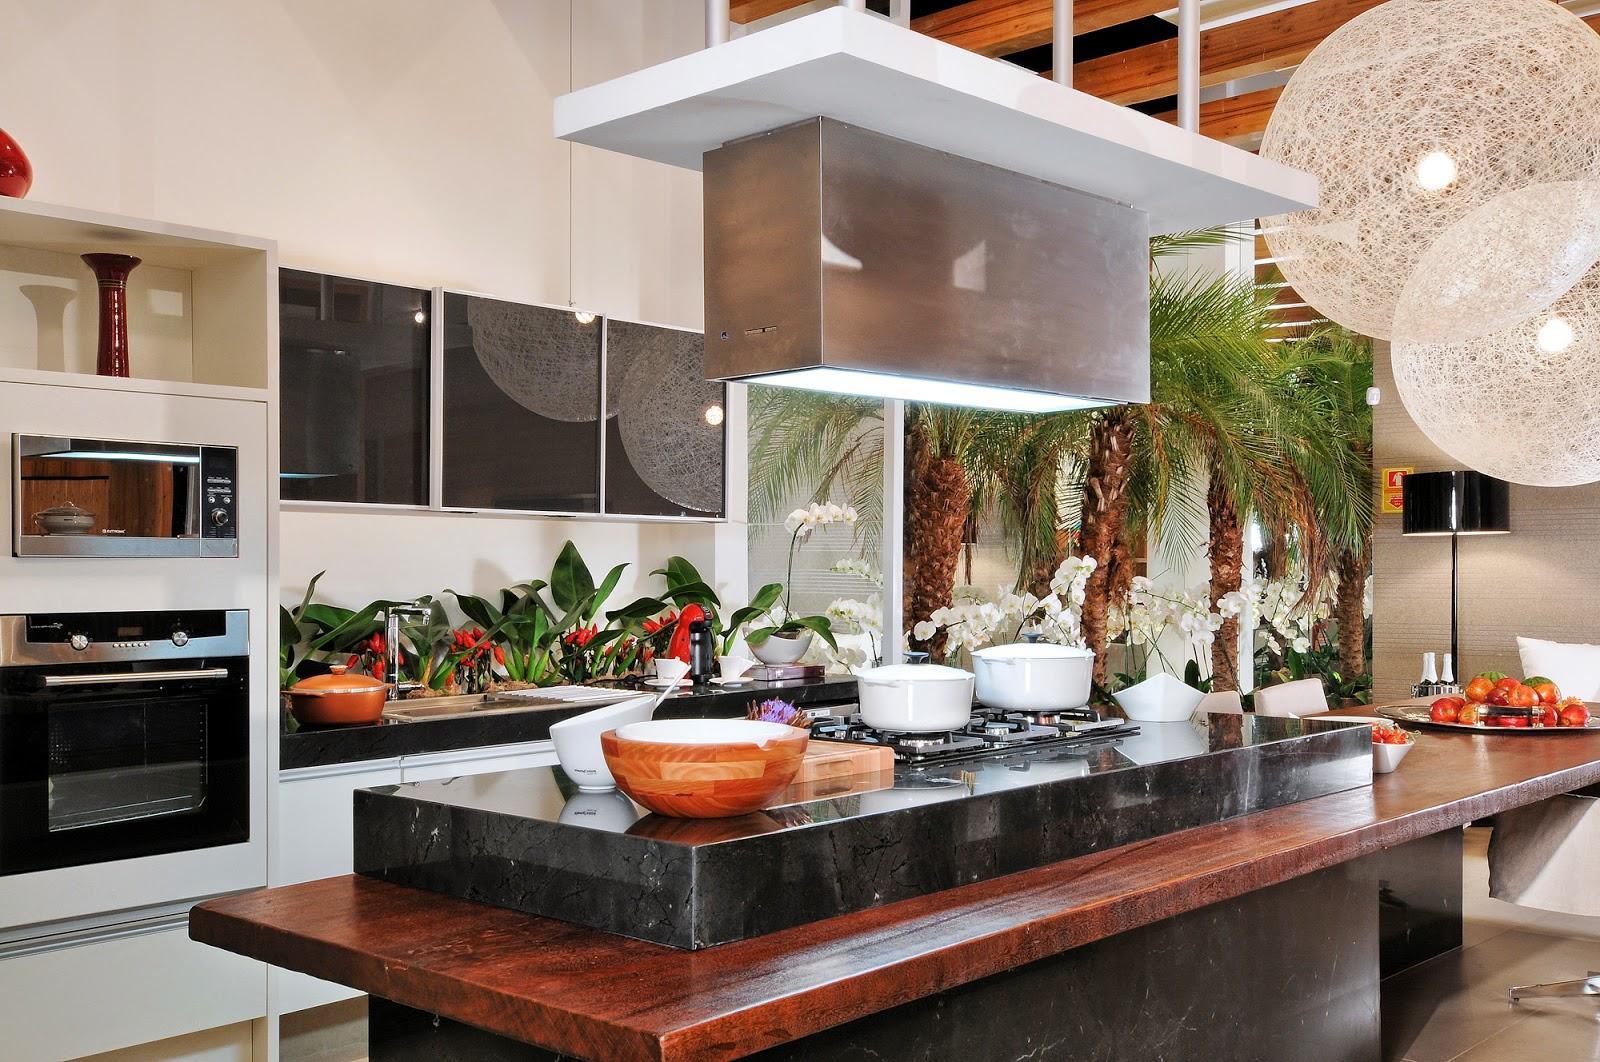 Decoração moderna com vasos de planta e bancada de madeira maciça.